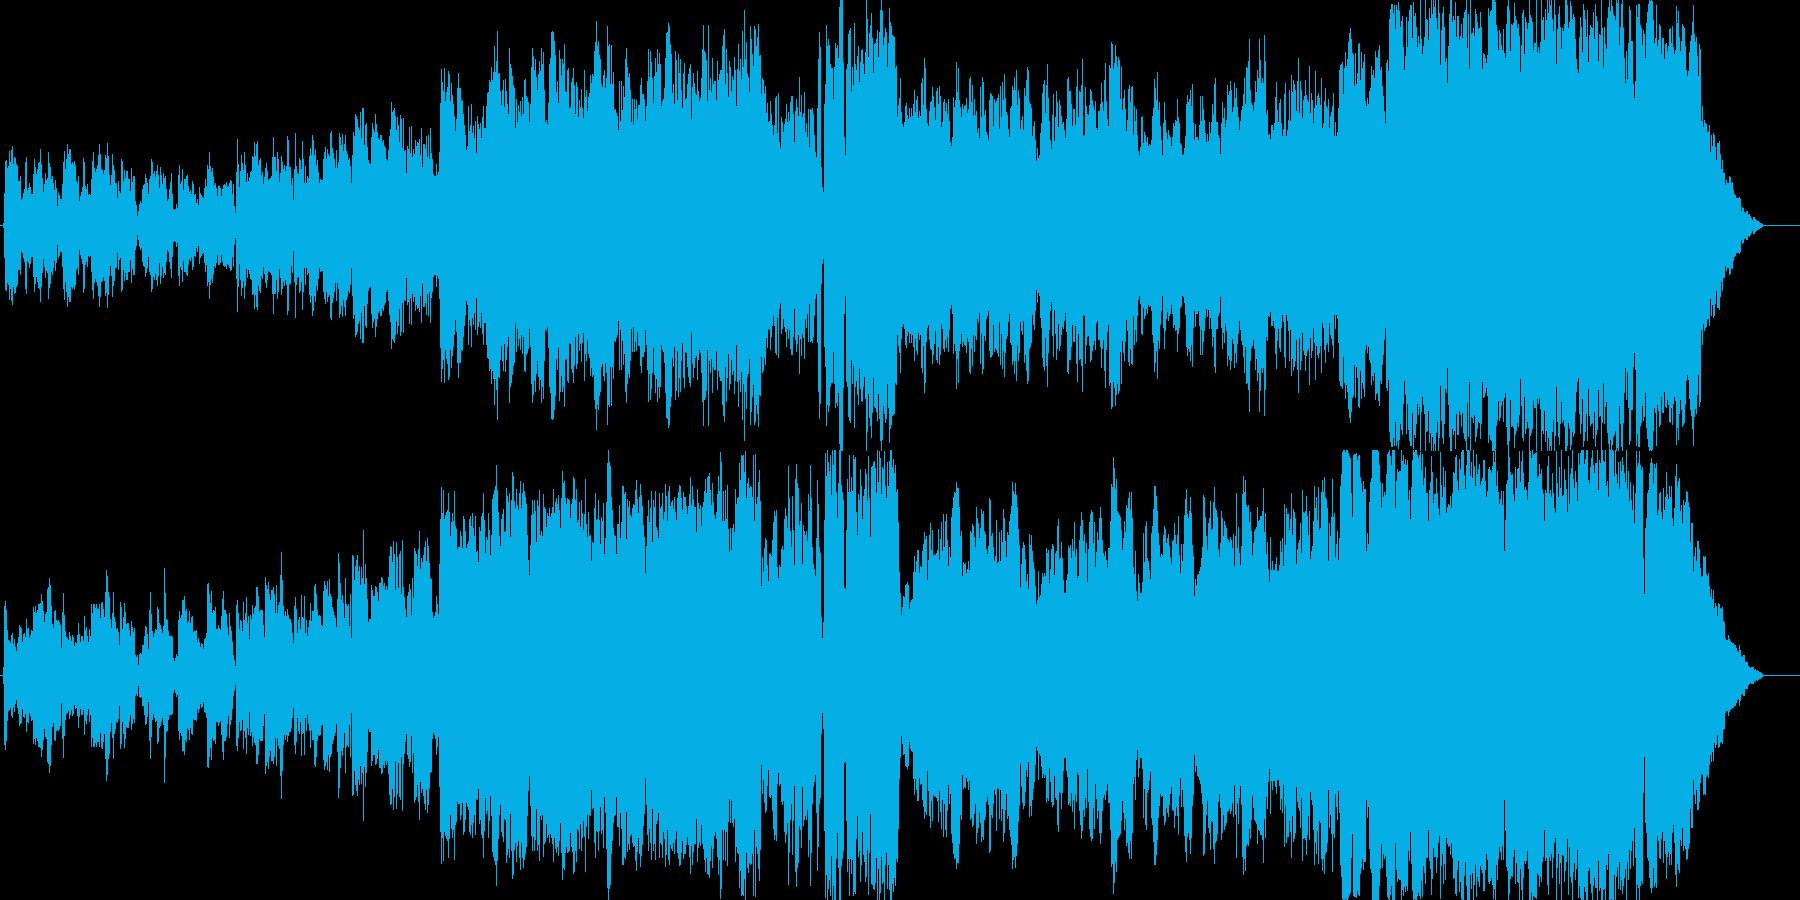 ゆったりとした和風曲の再生済みの波形